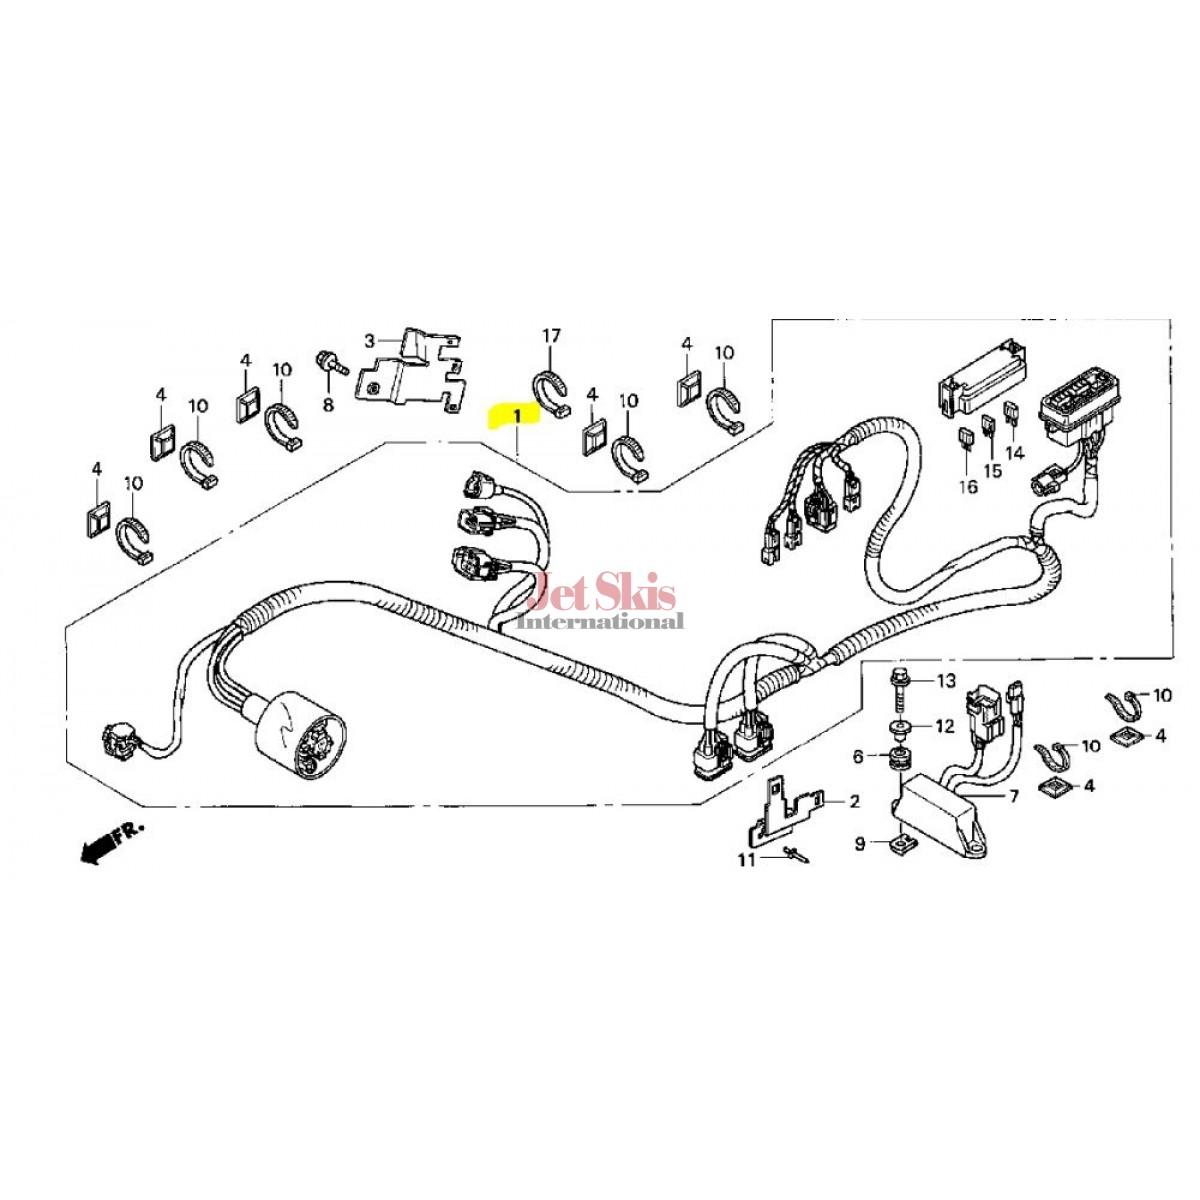 Honda Aquatrax Part Hw3 670 Main Wire Harness